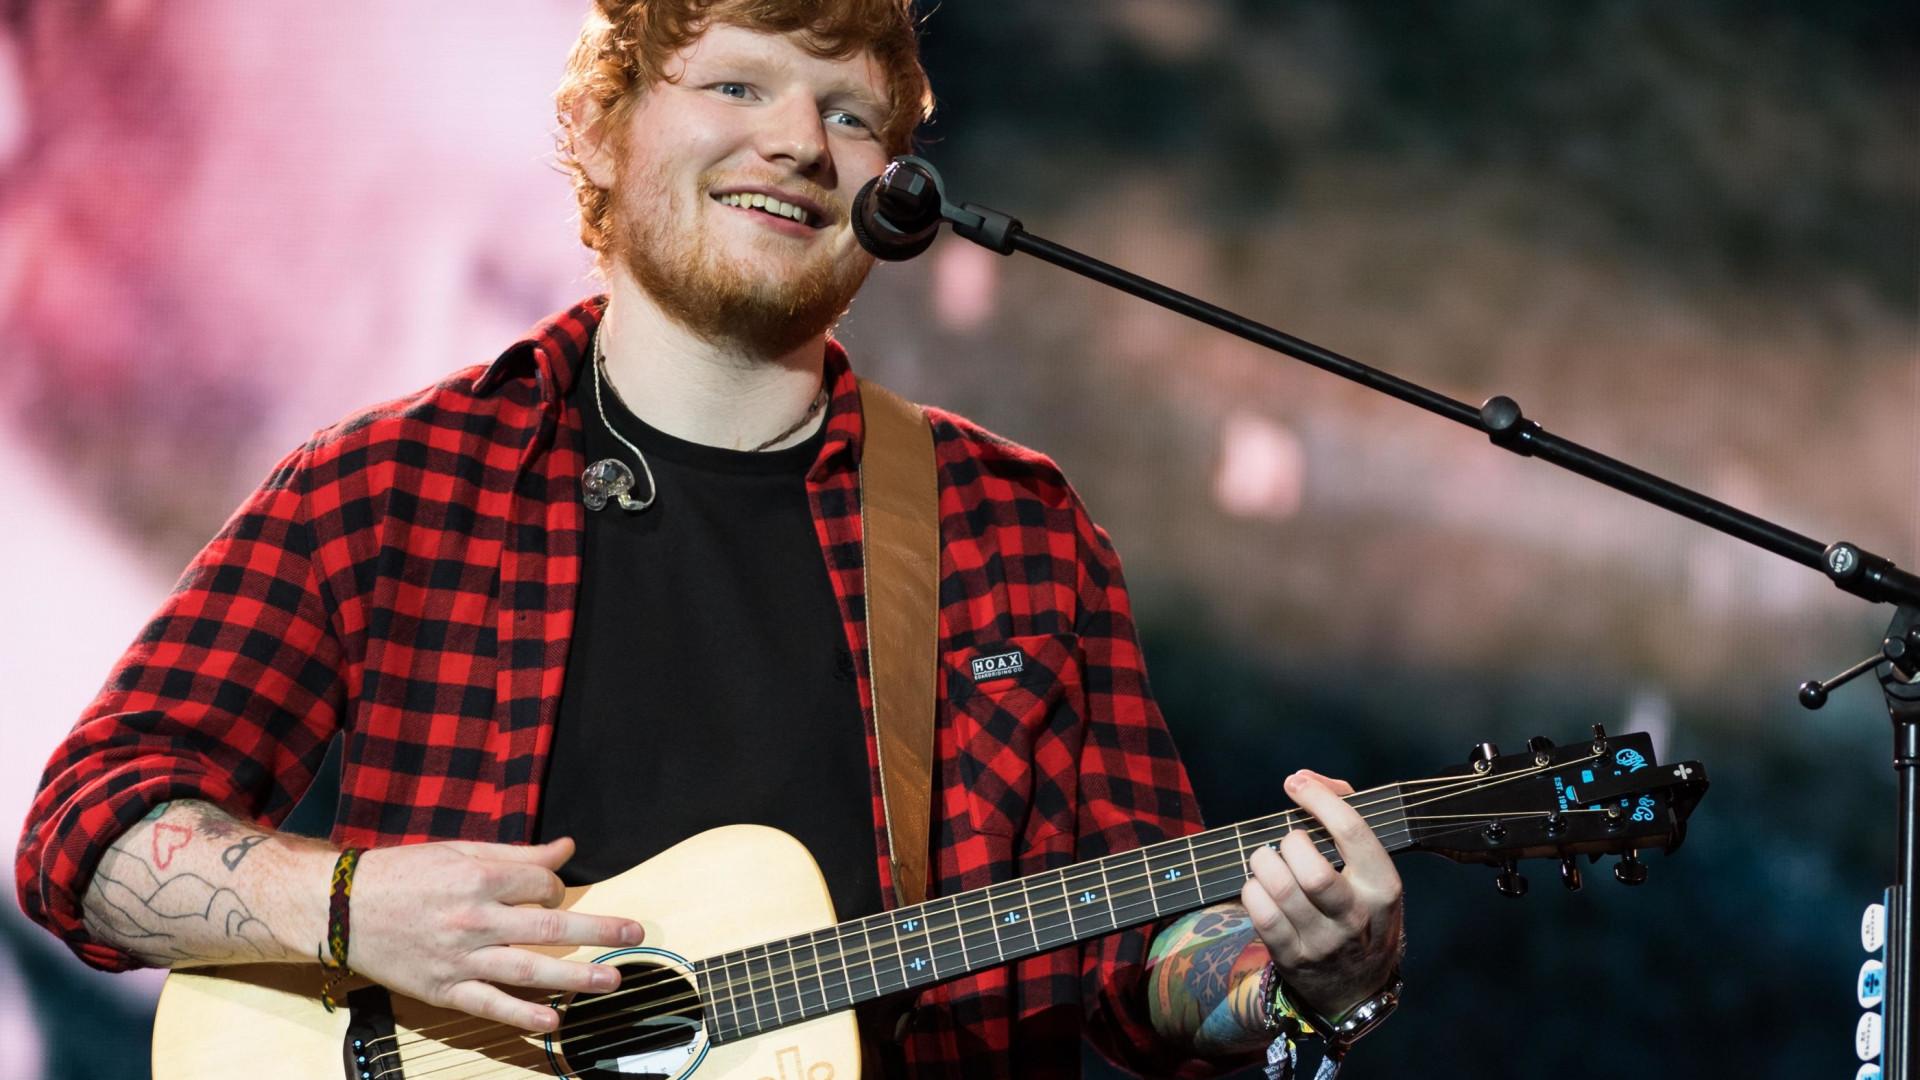 Ed Sheeran (quase) irreconhecível em casting antes de ser famoso